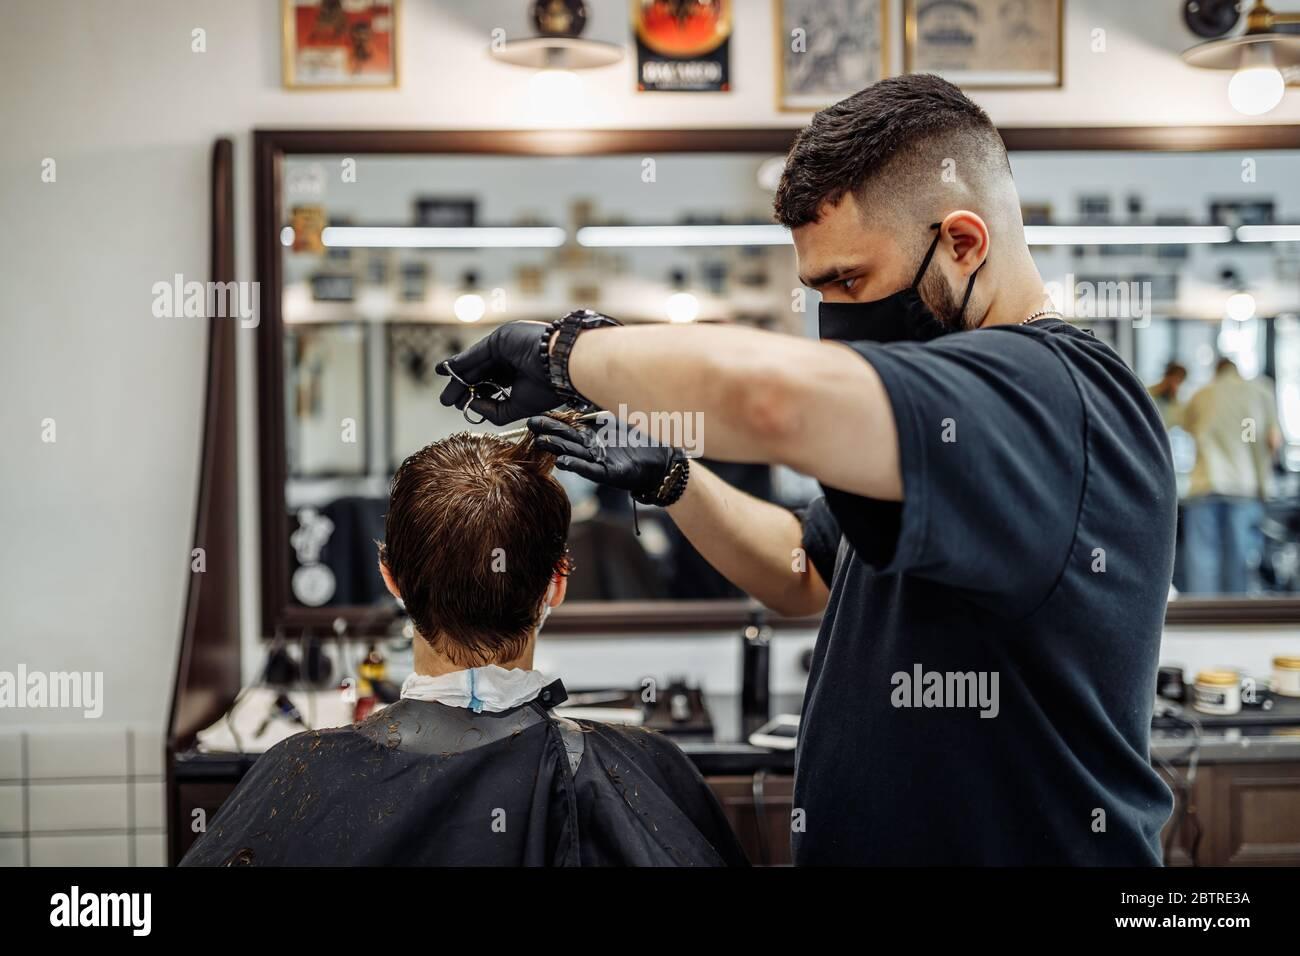 Crear un corte de pelo fresco y el estilo en una peluquería. Foto de stock